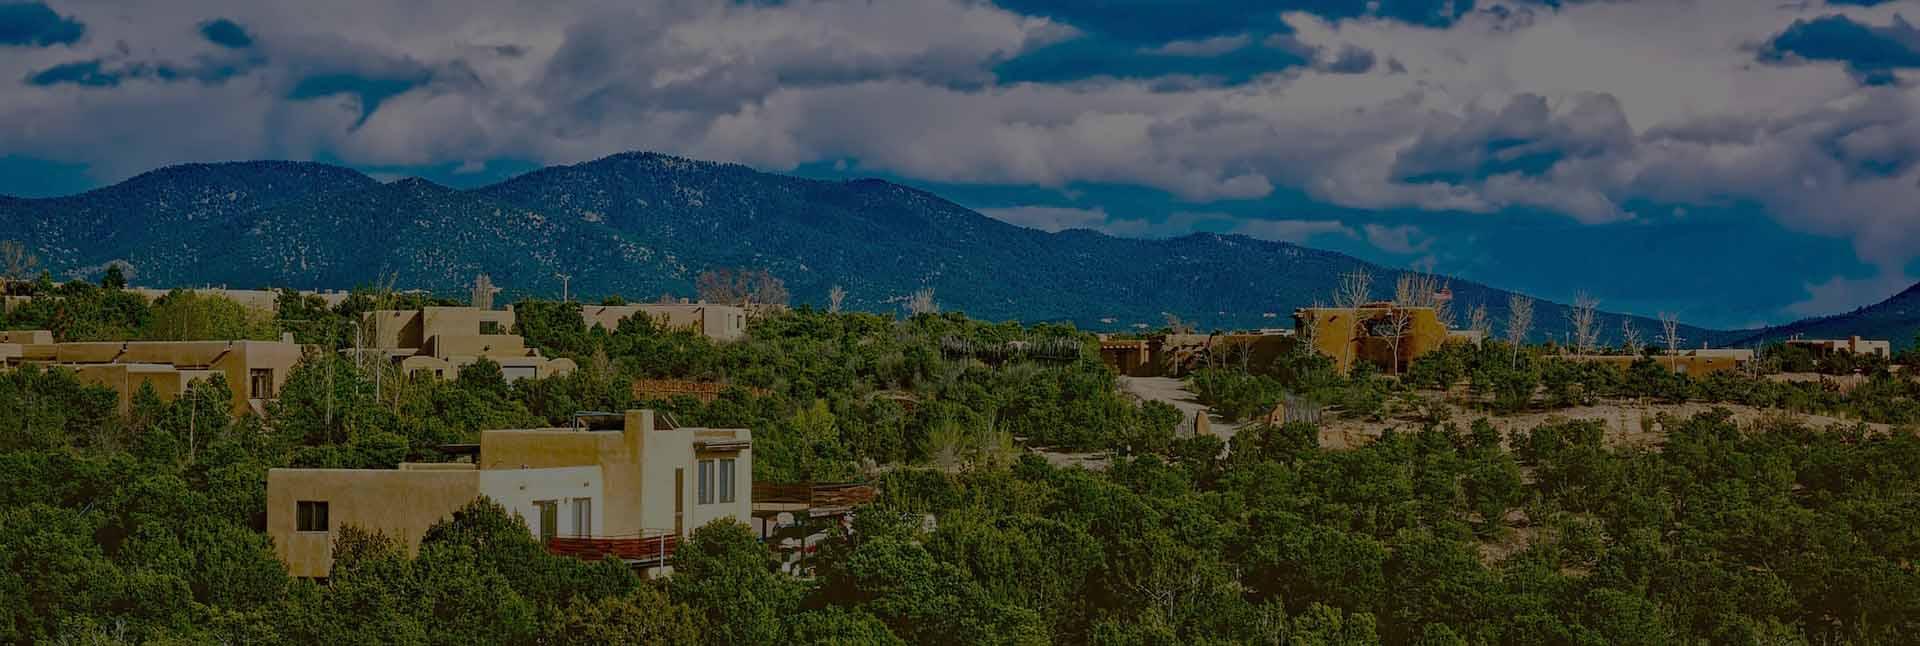 santa-fe-mountains